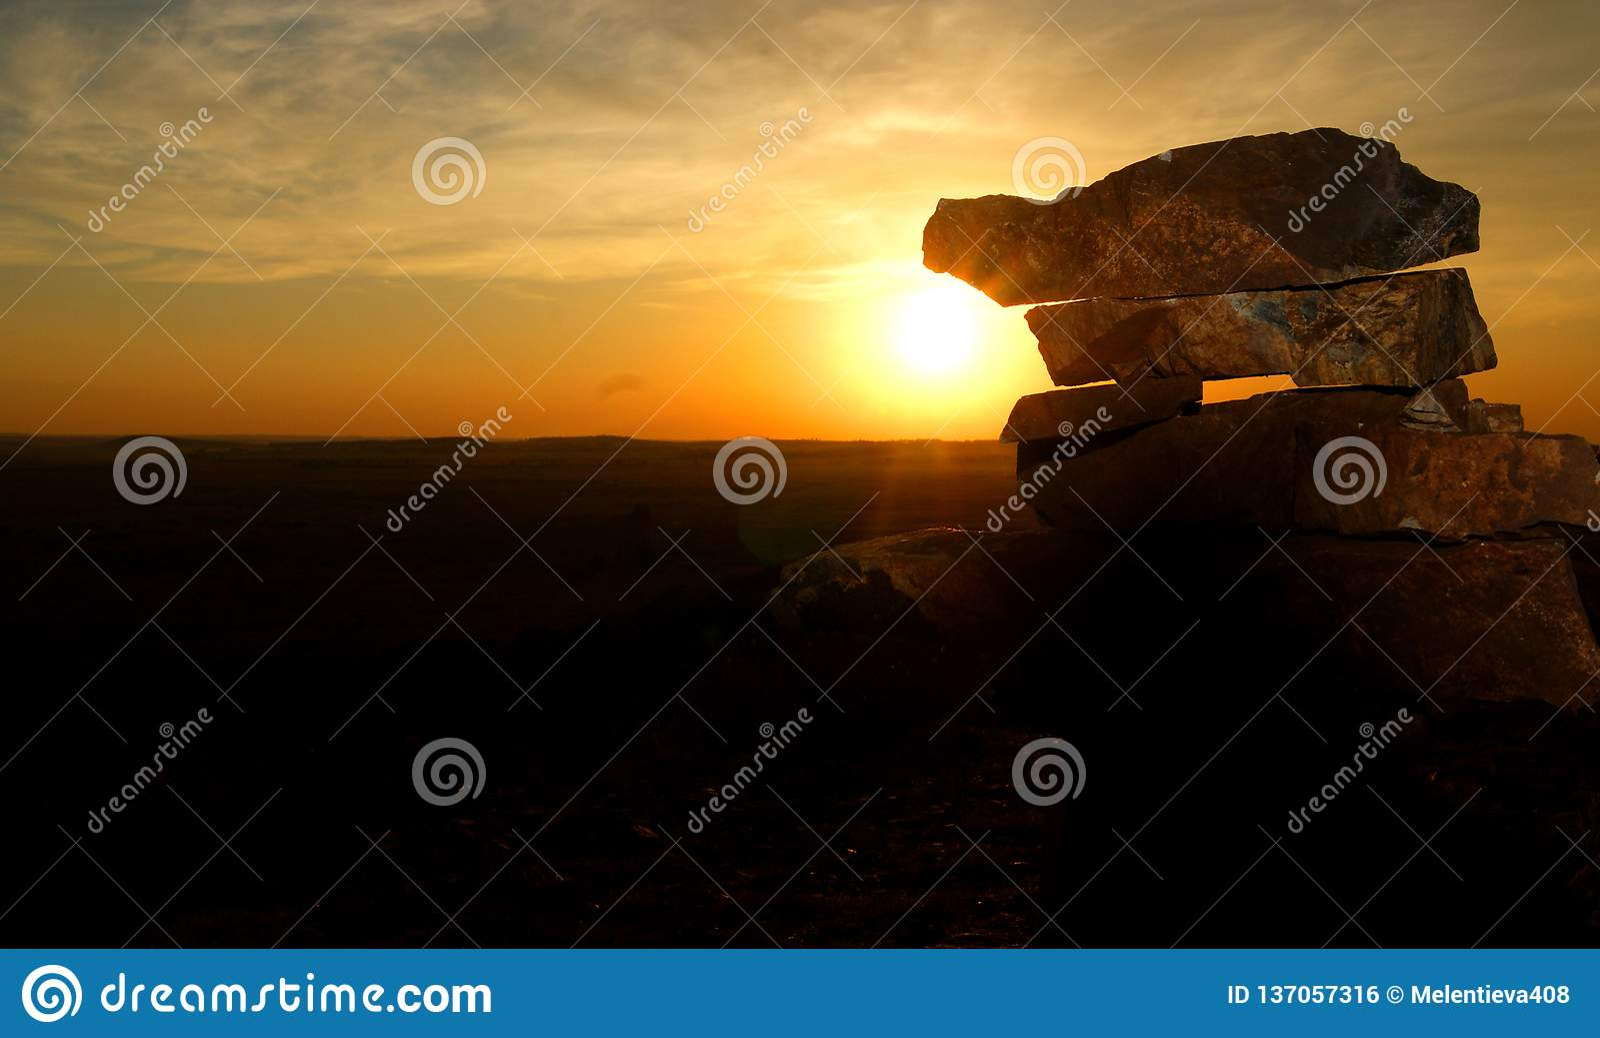 stones illuminate the sunlight at sunset